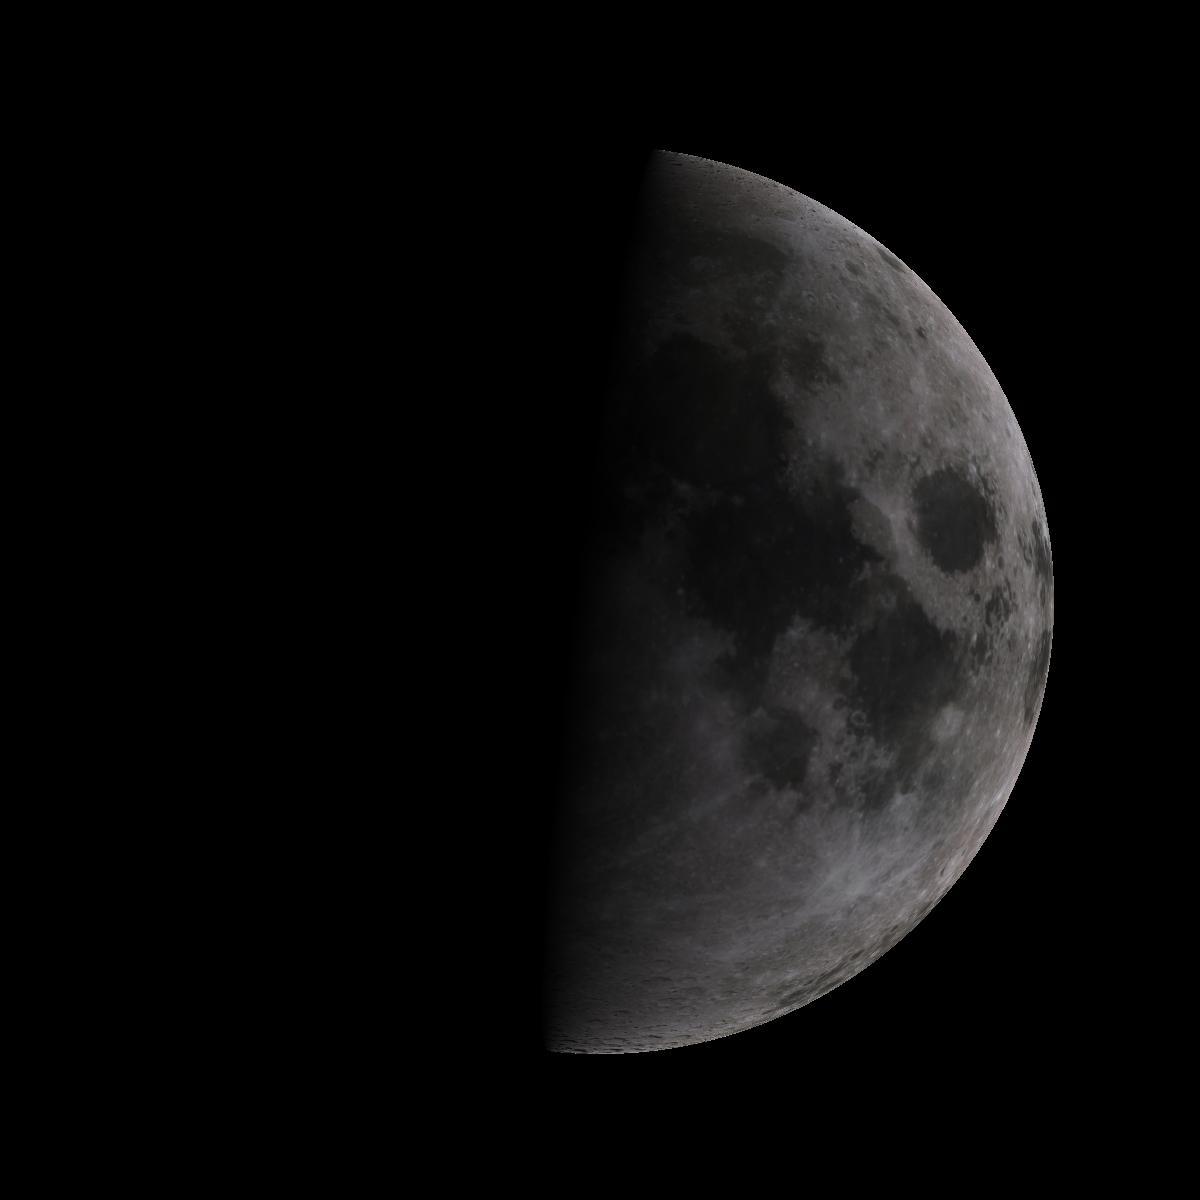 Lune du 6 octobre 2019